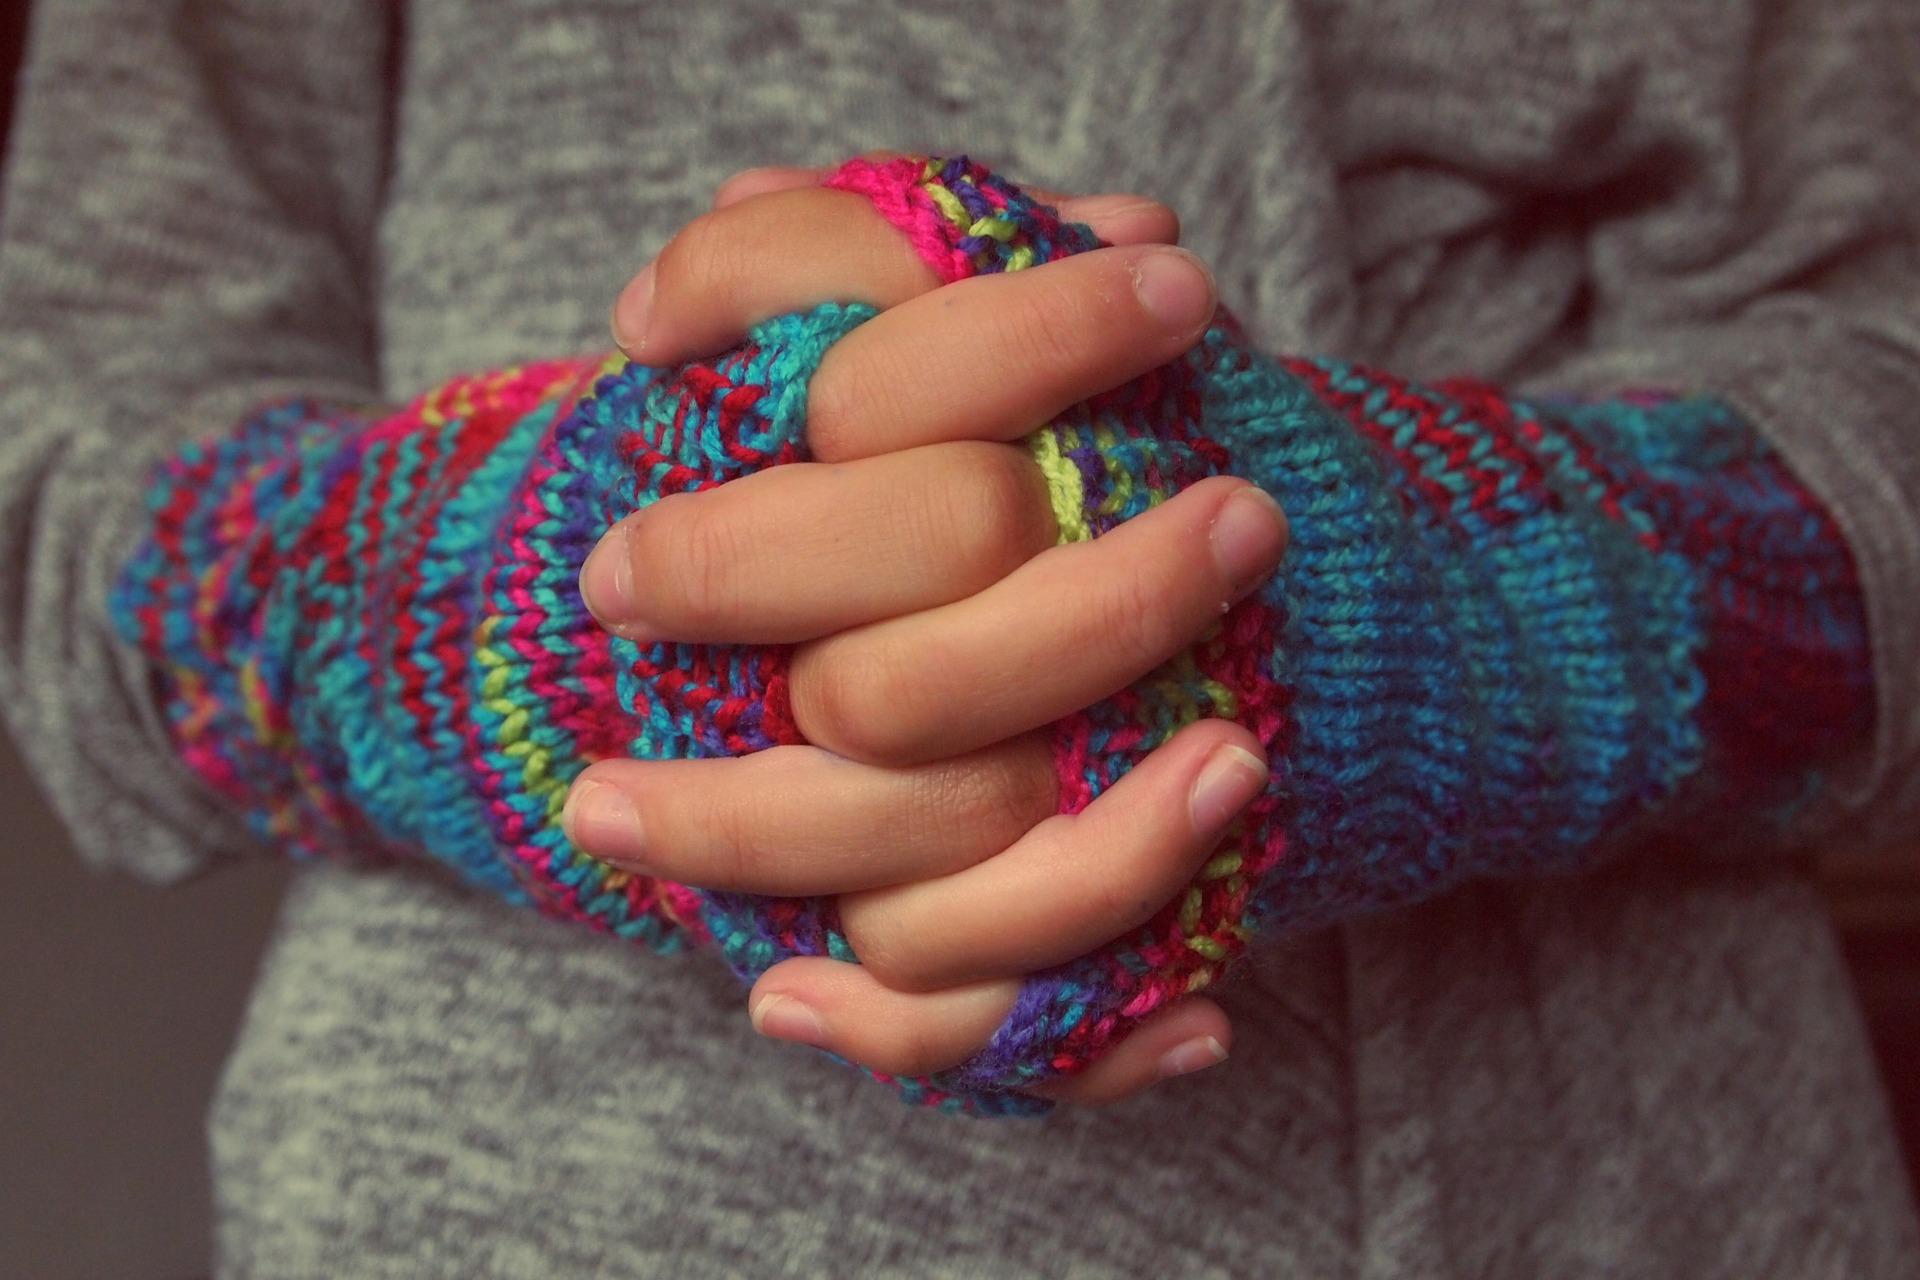 folded-hands-987629_1920.jpg